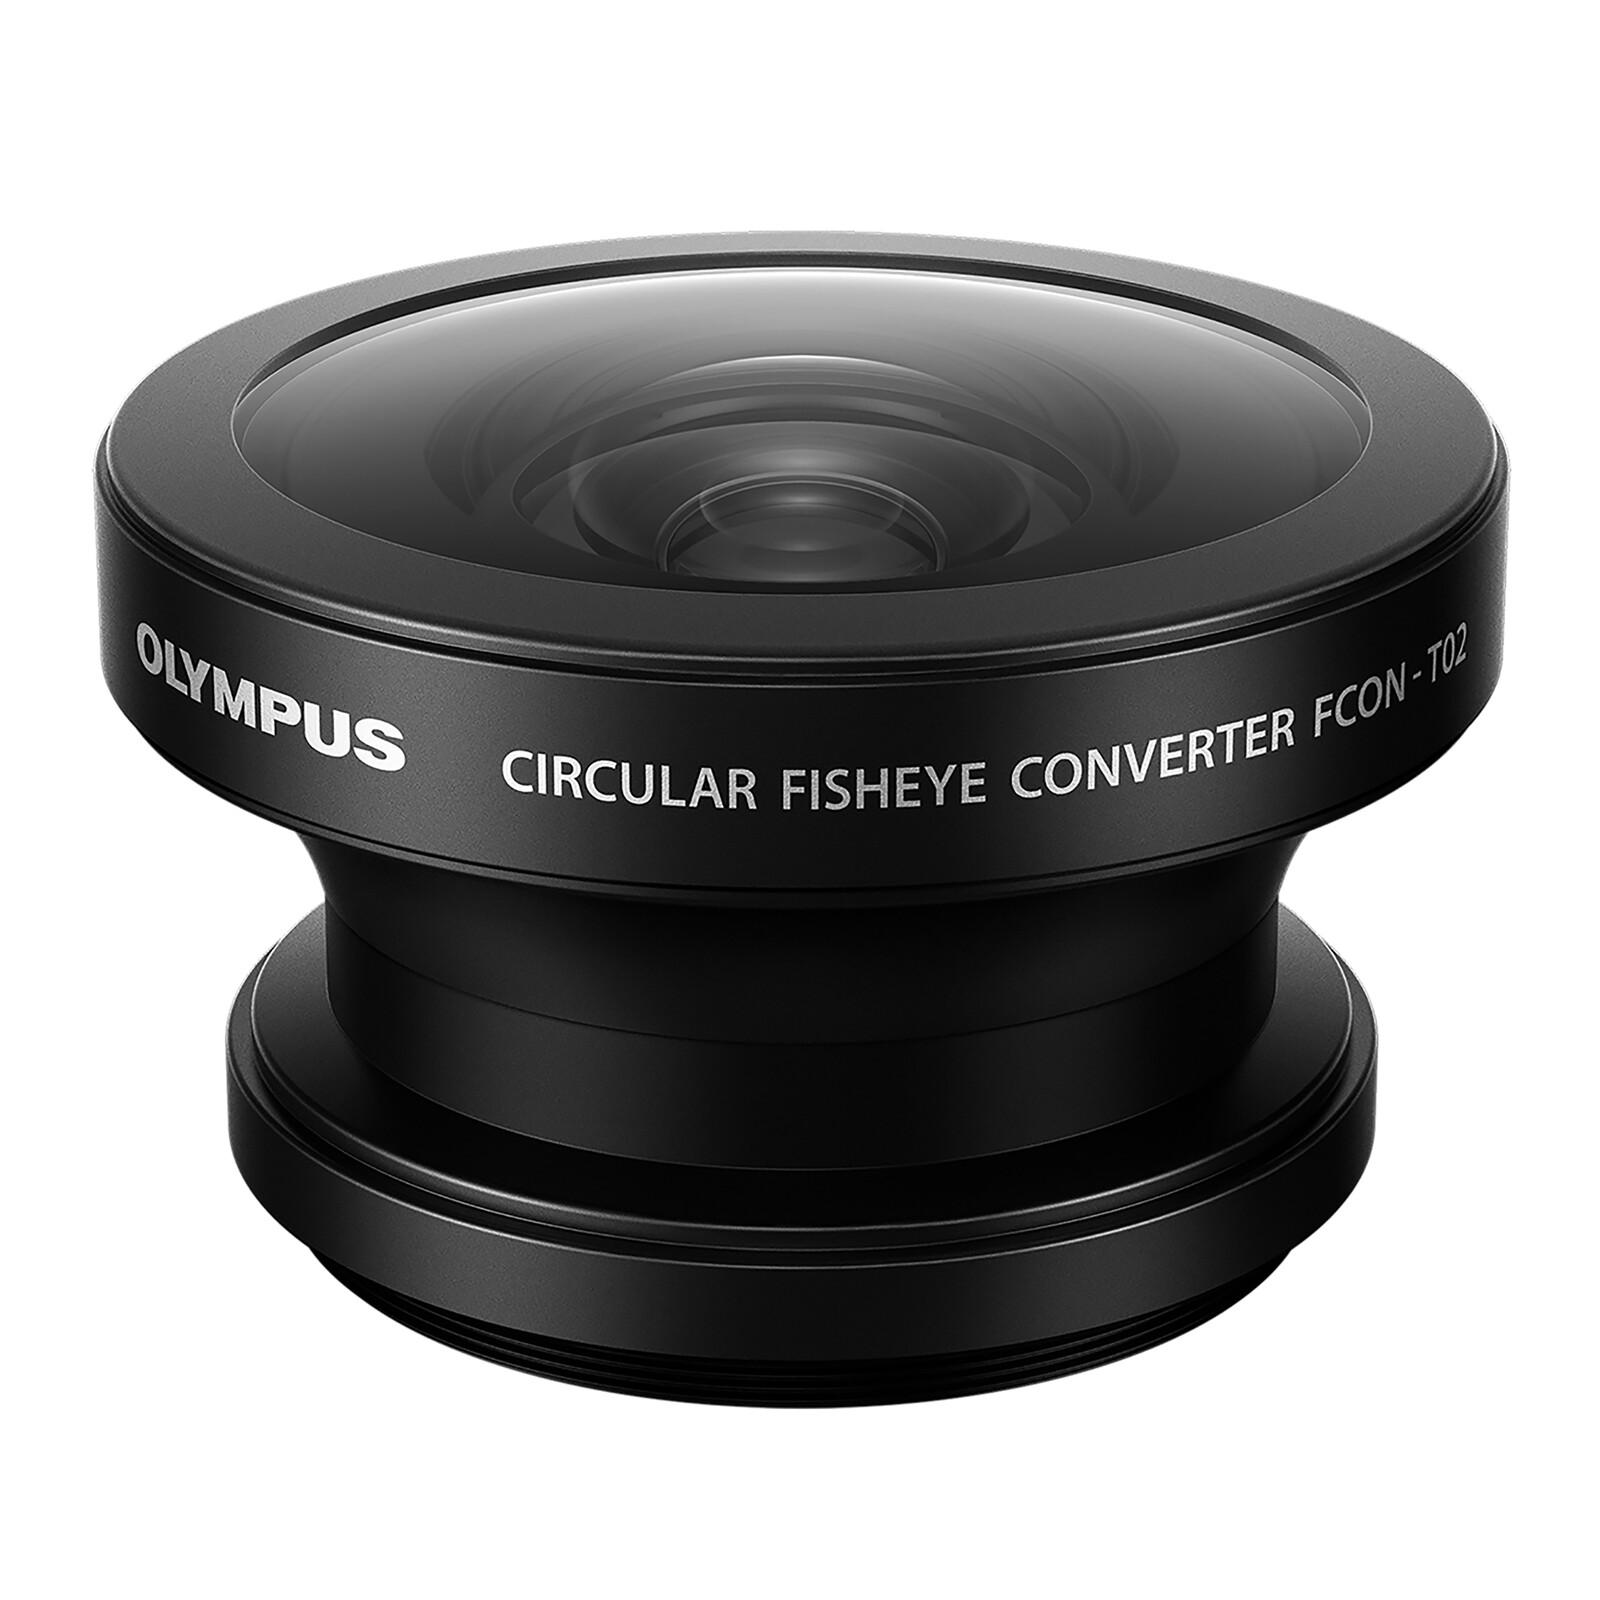 Olympus FCON-T02 Fish Eye Konverter